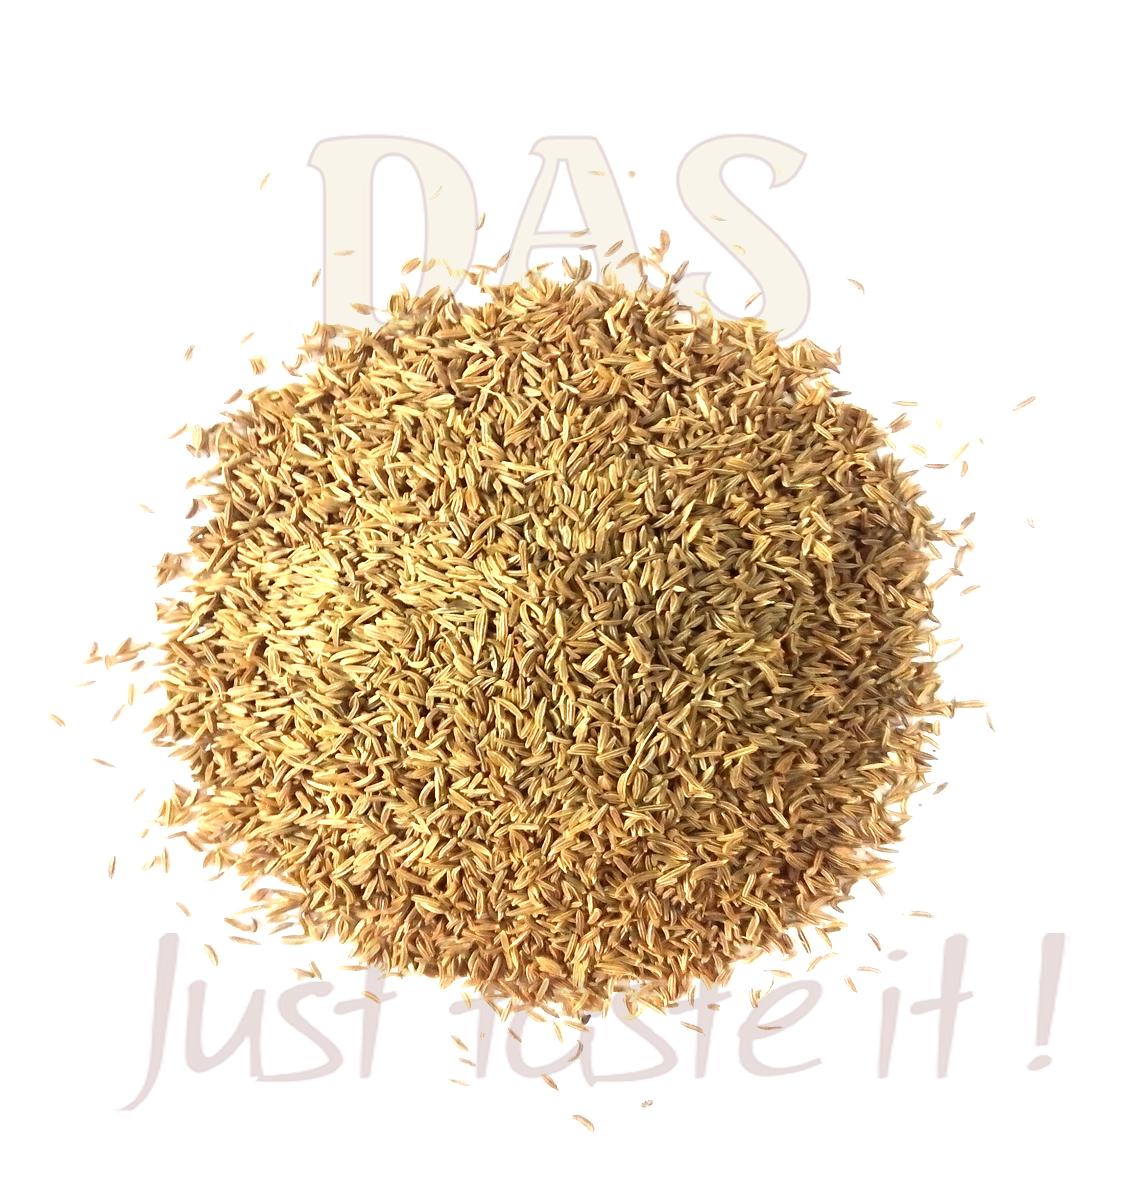 Terapia cu seminte - cum folosim semintele pentru a trata diverse afectiuni